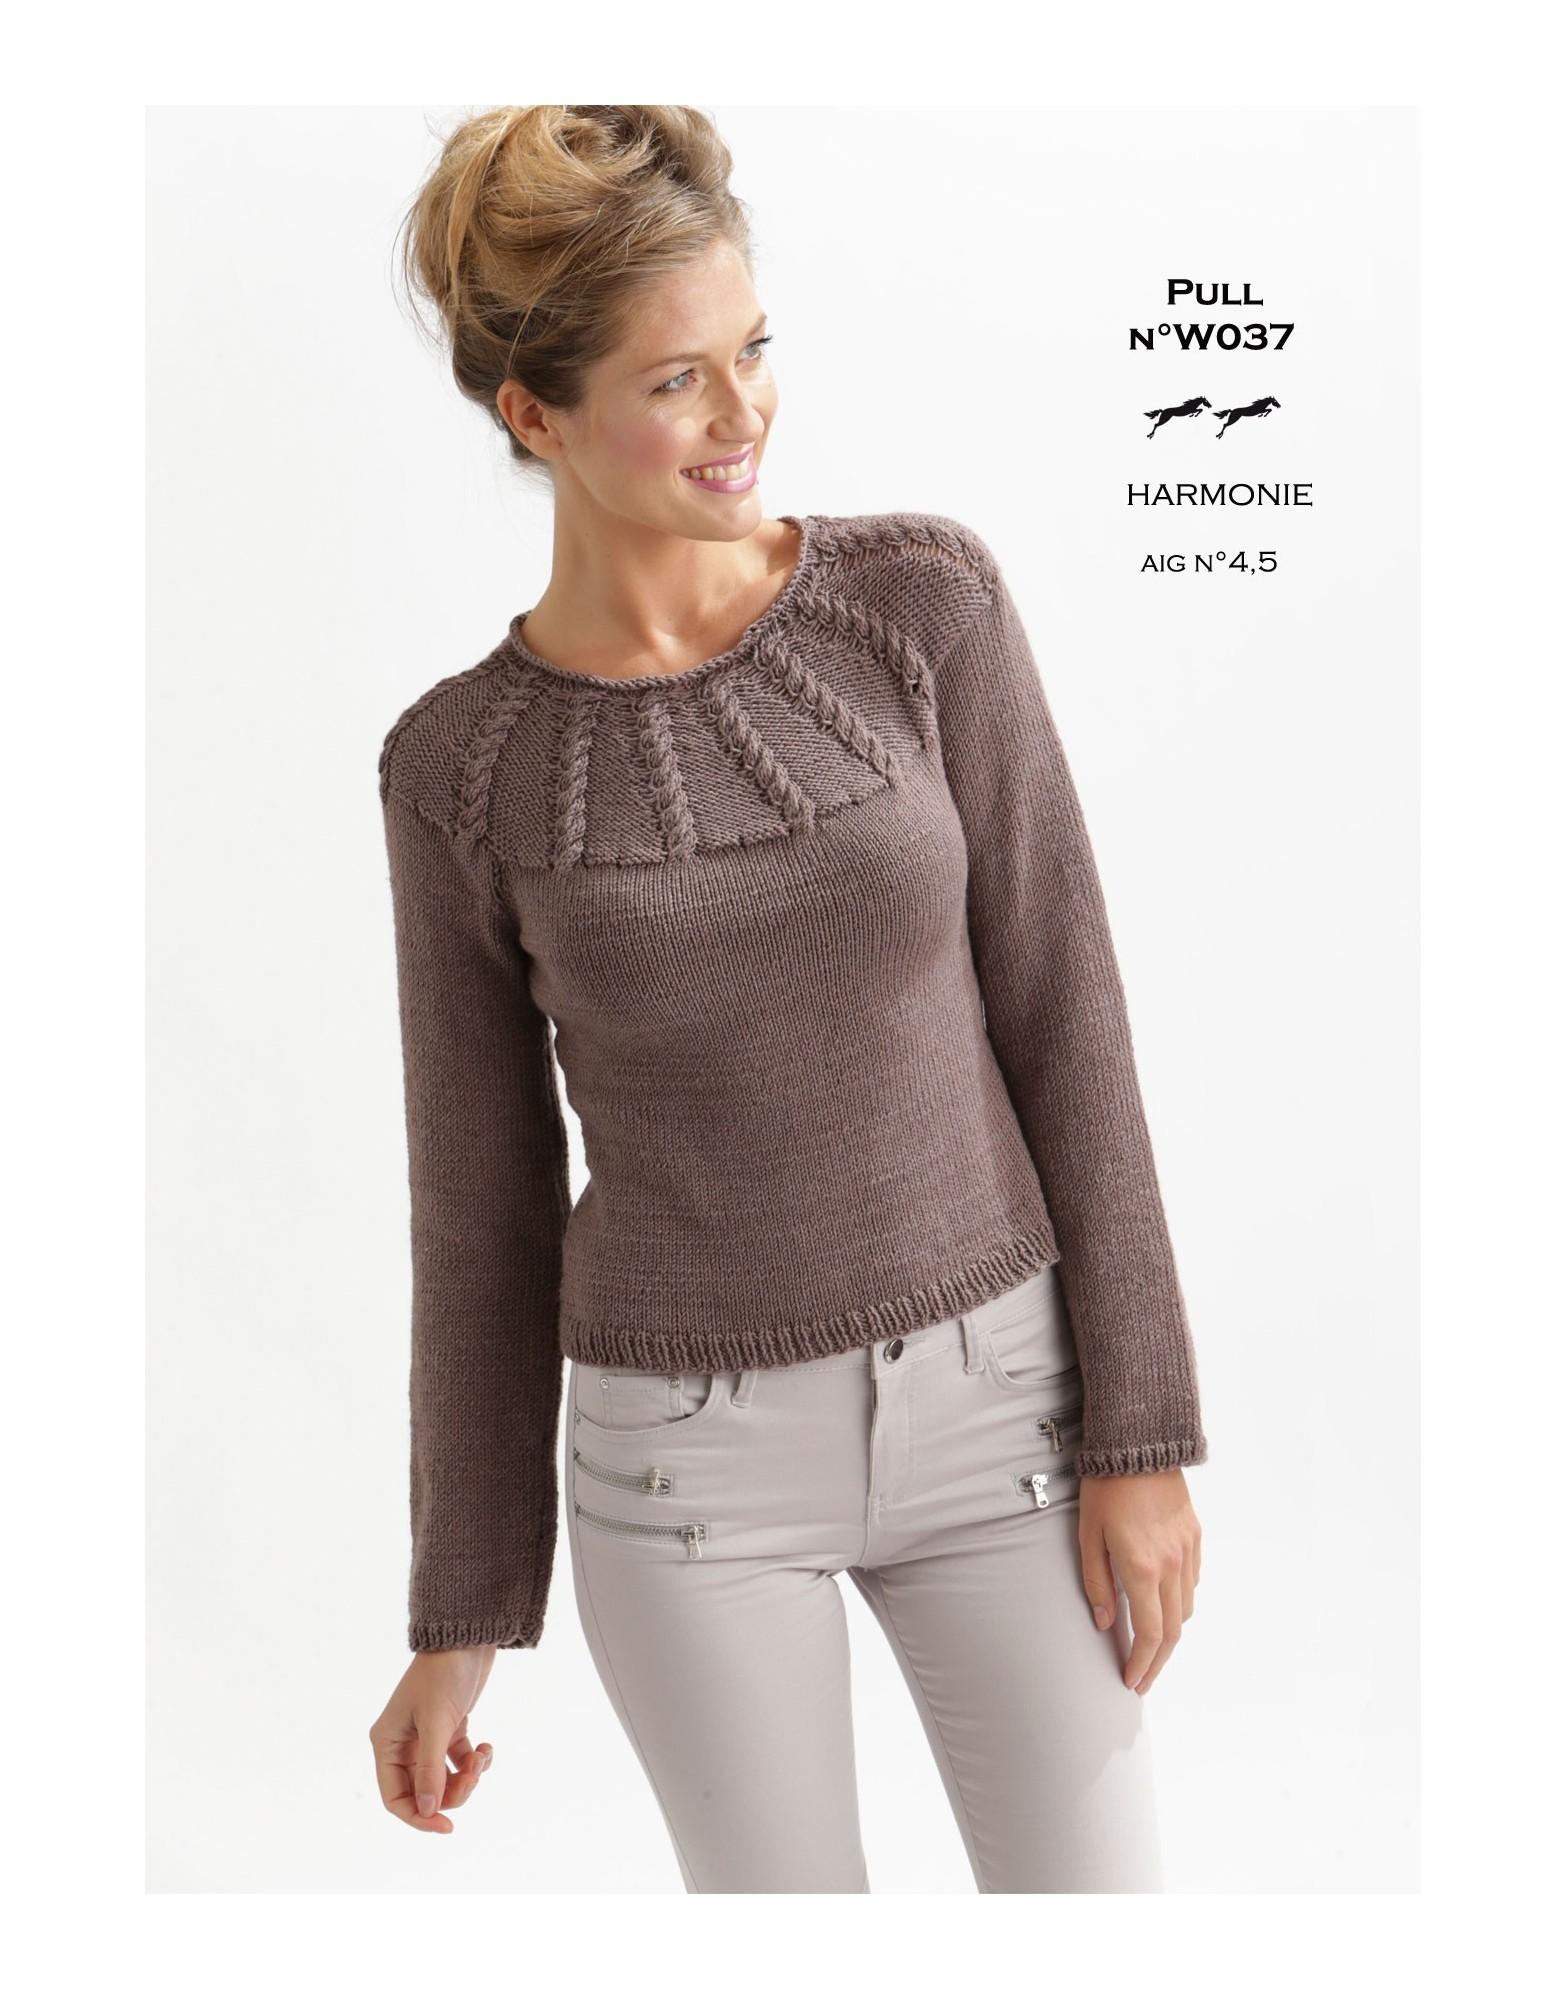 Robe tricot femme modèle gratuit